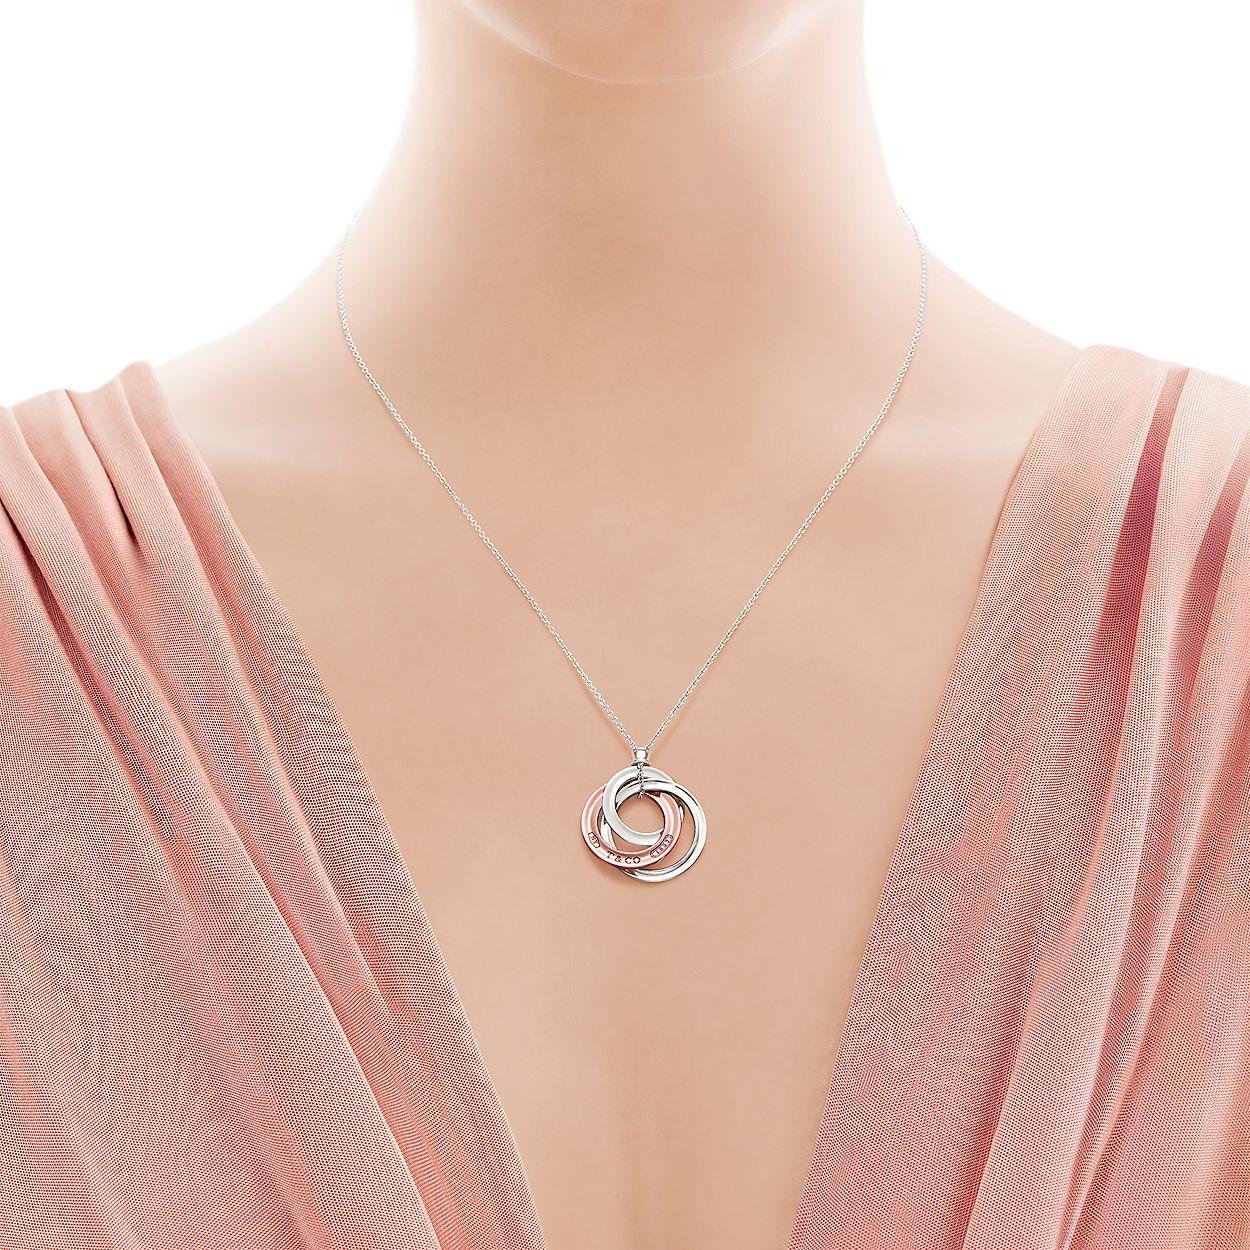 ef8f8349c Tiffany 1837® interlocking circles pendant in Rubedo® metal, small ...